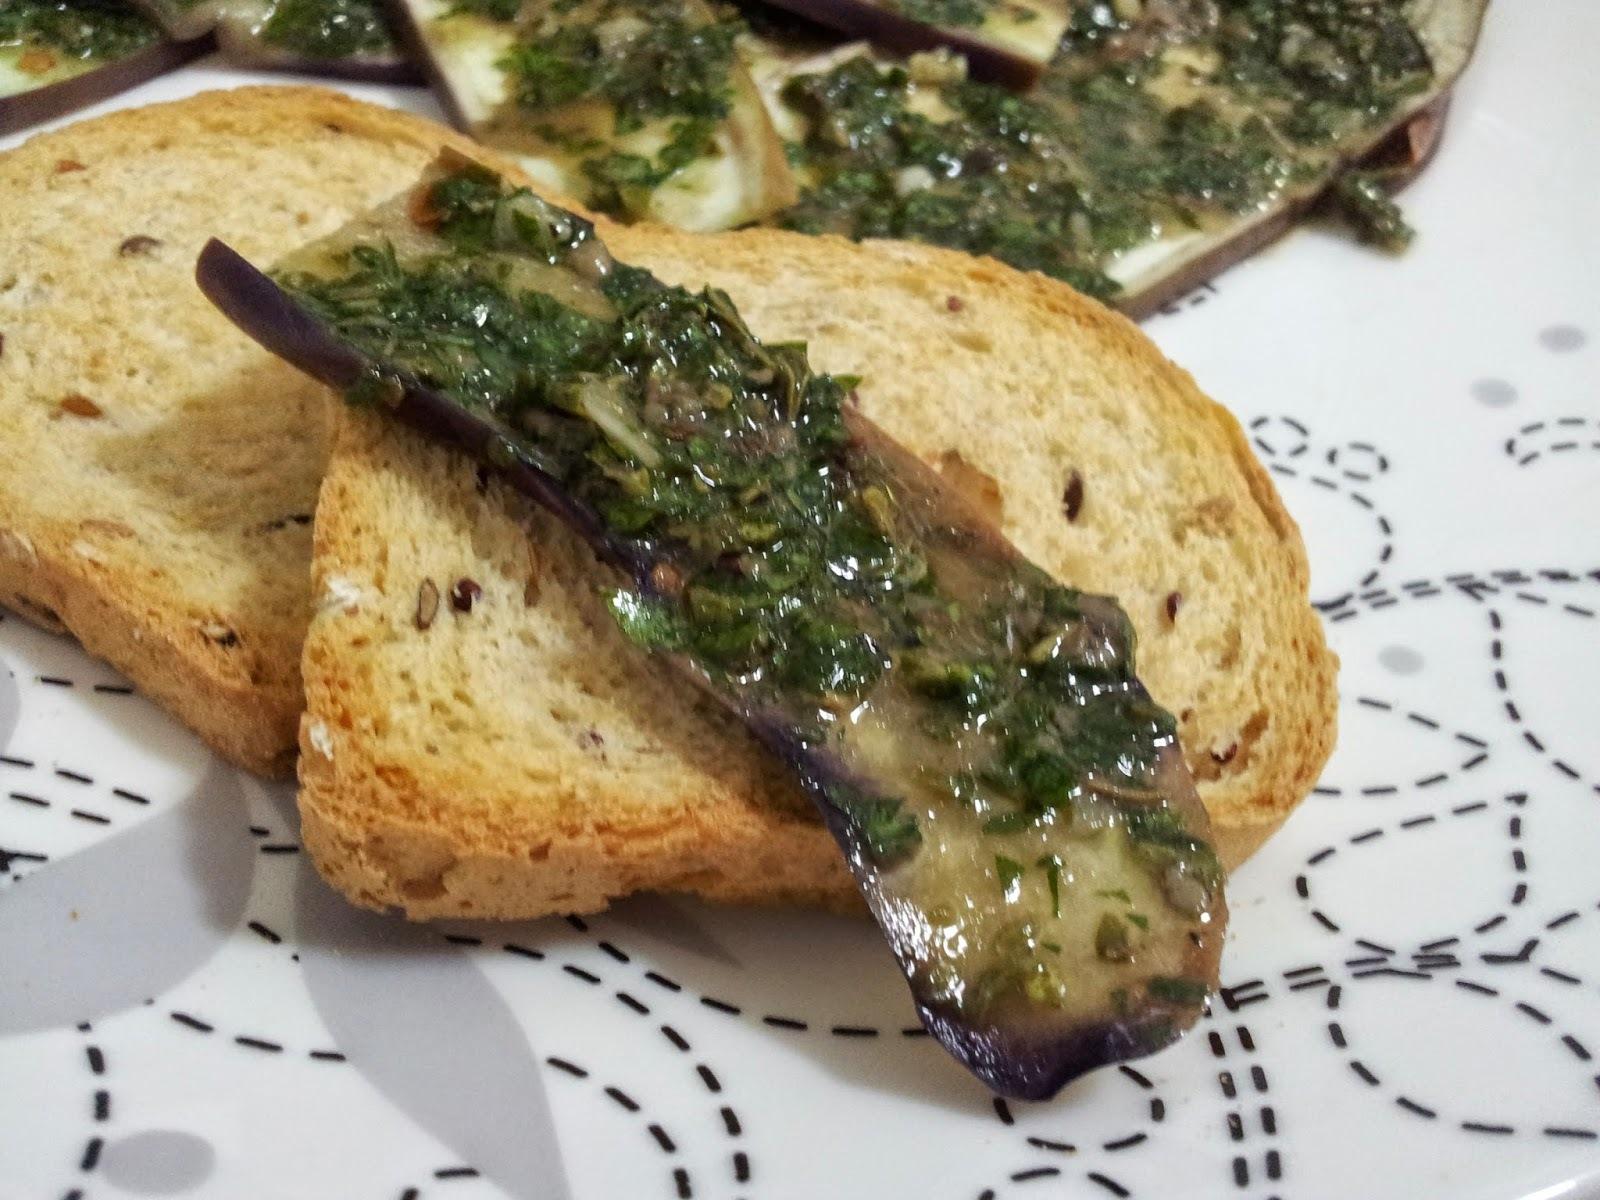 Berinjela Marinada com Pasta de Anchova